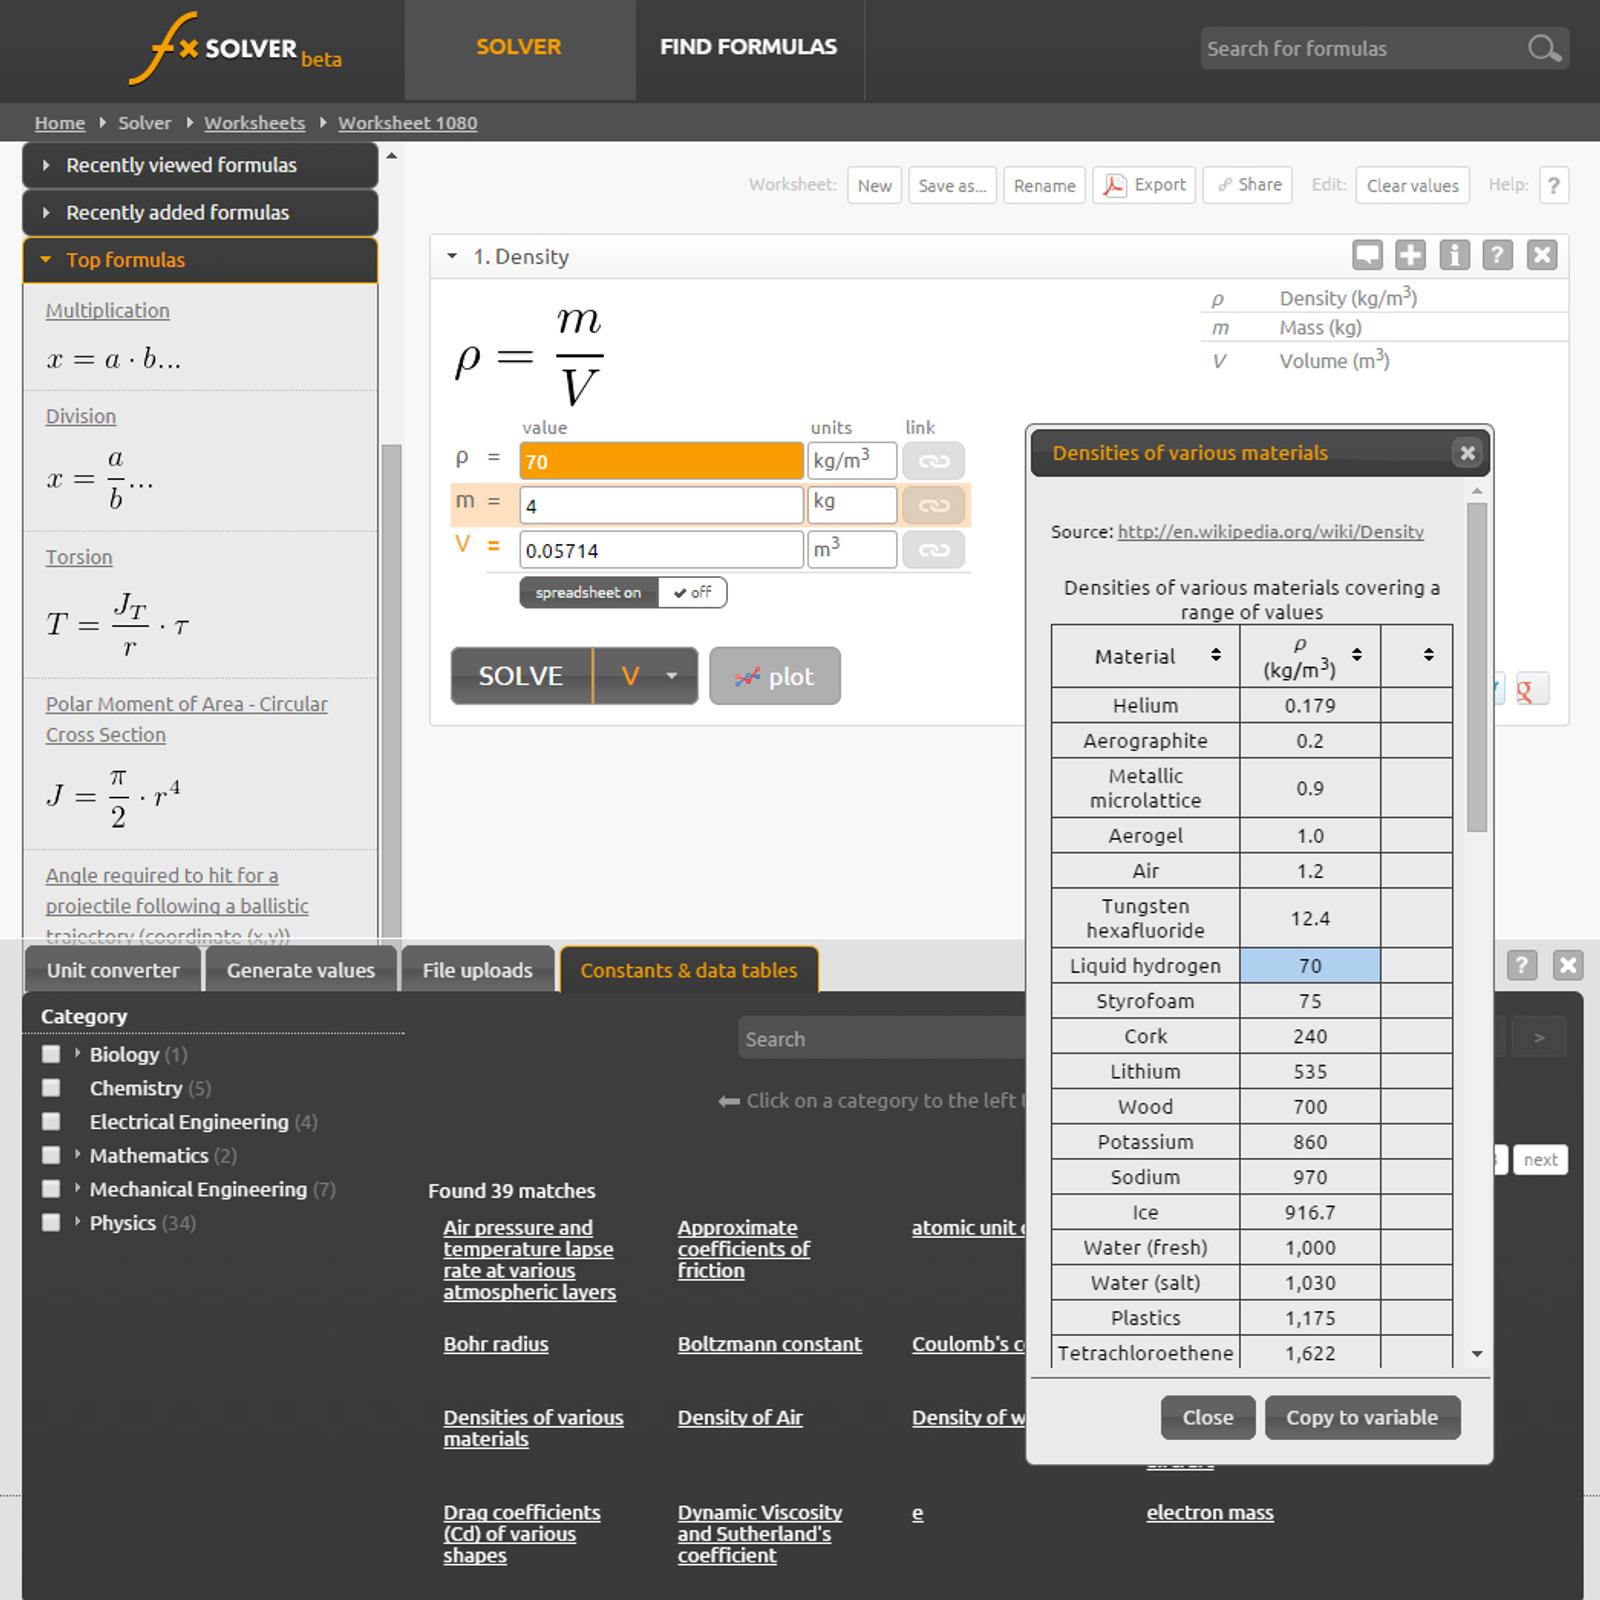 fxSolver Alternatives and Similar Websites and Apps - AlternativeTo.net